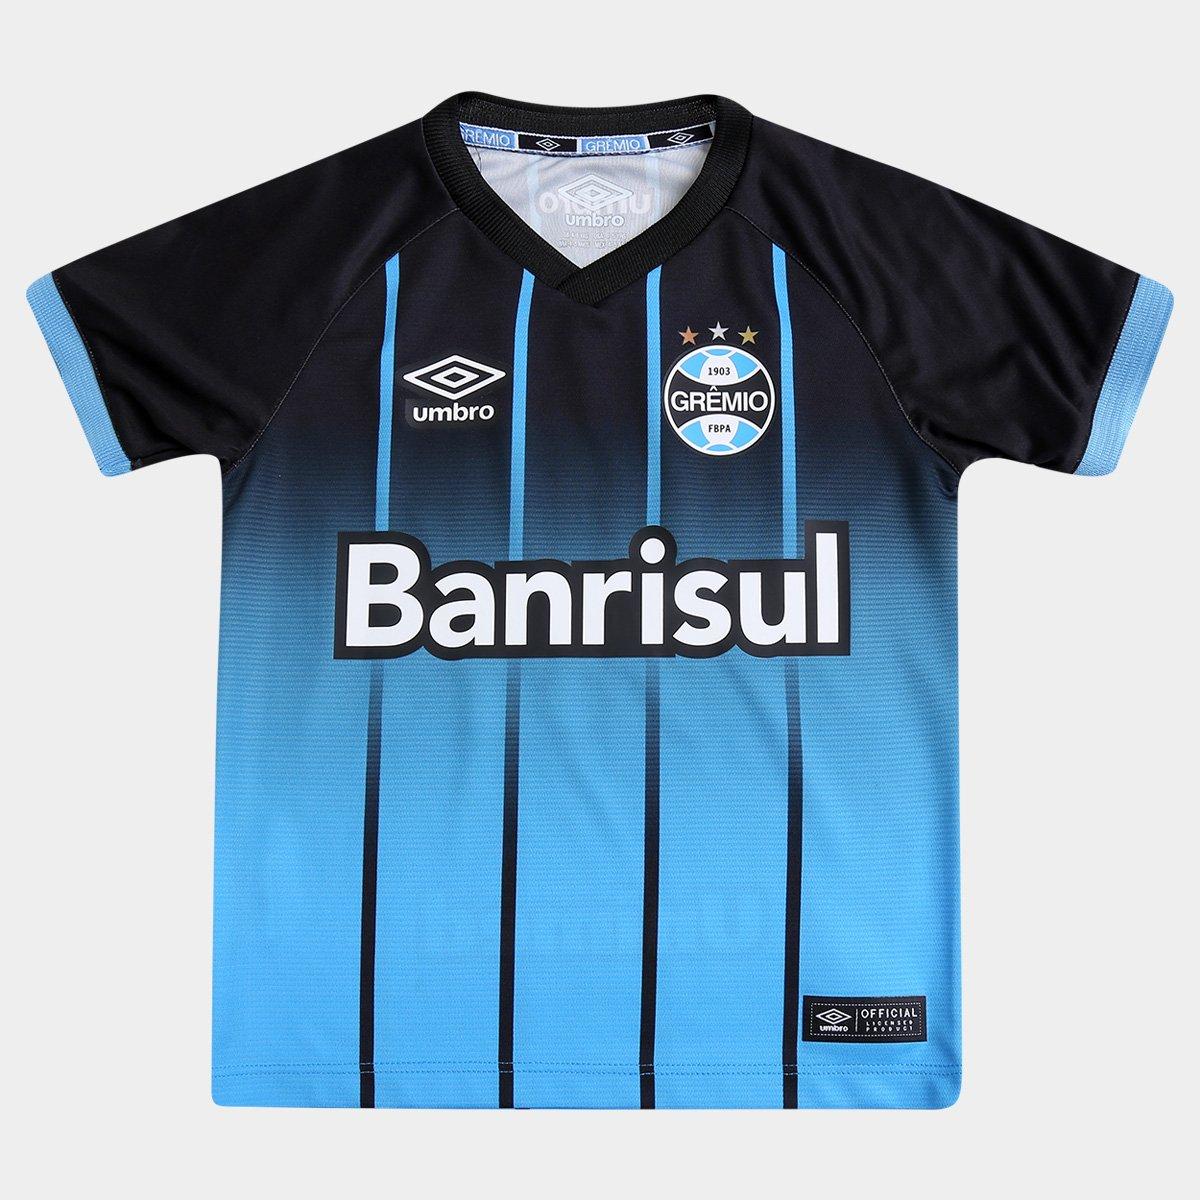 b20921804b Camisa Umbro Grêmio III 2016 s nº Infantil - Compre Agora